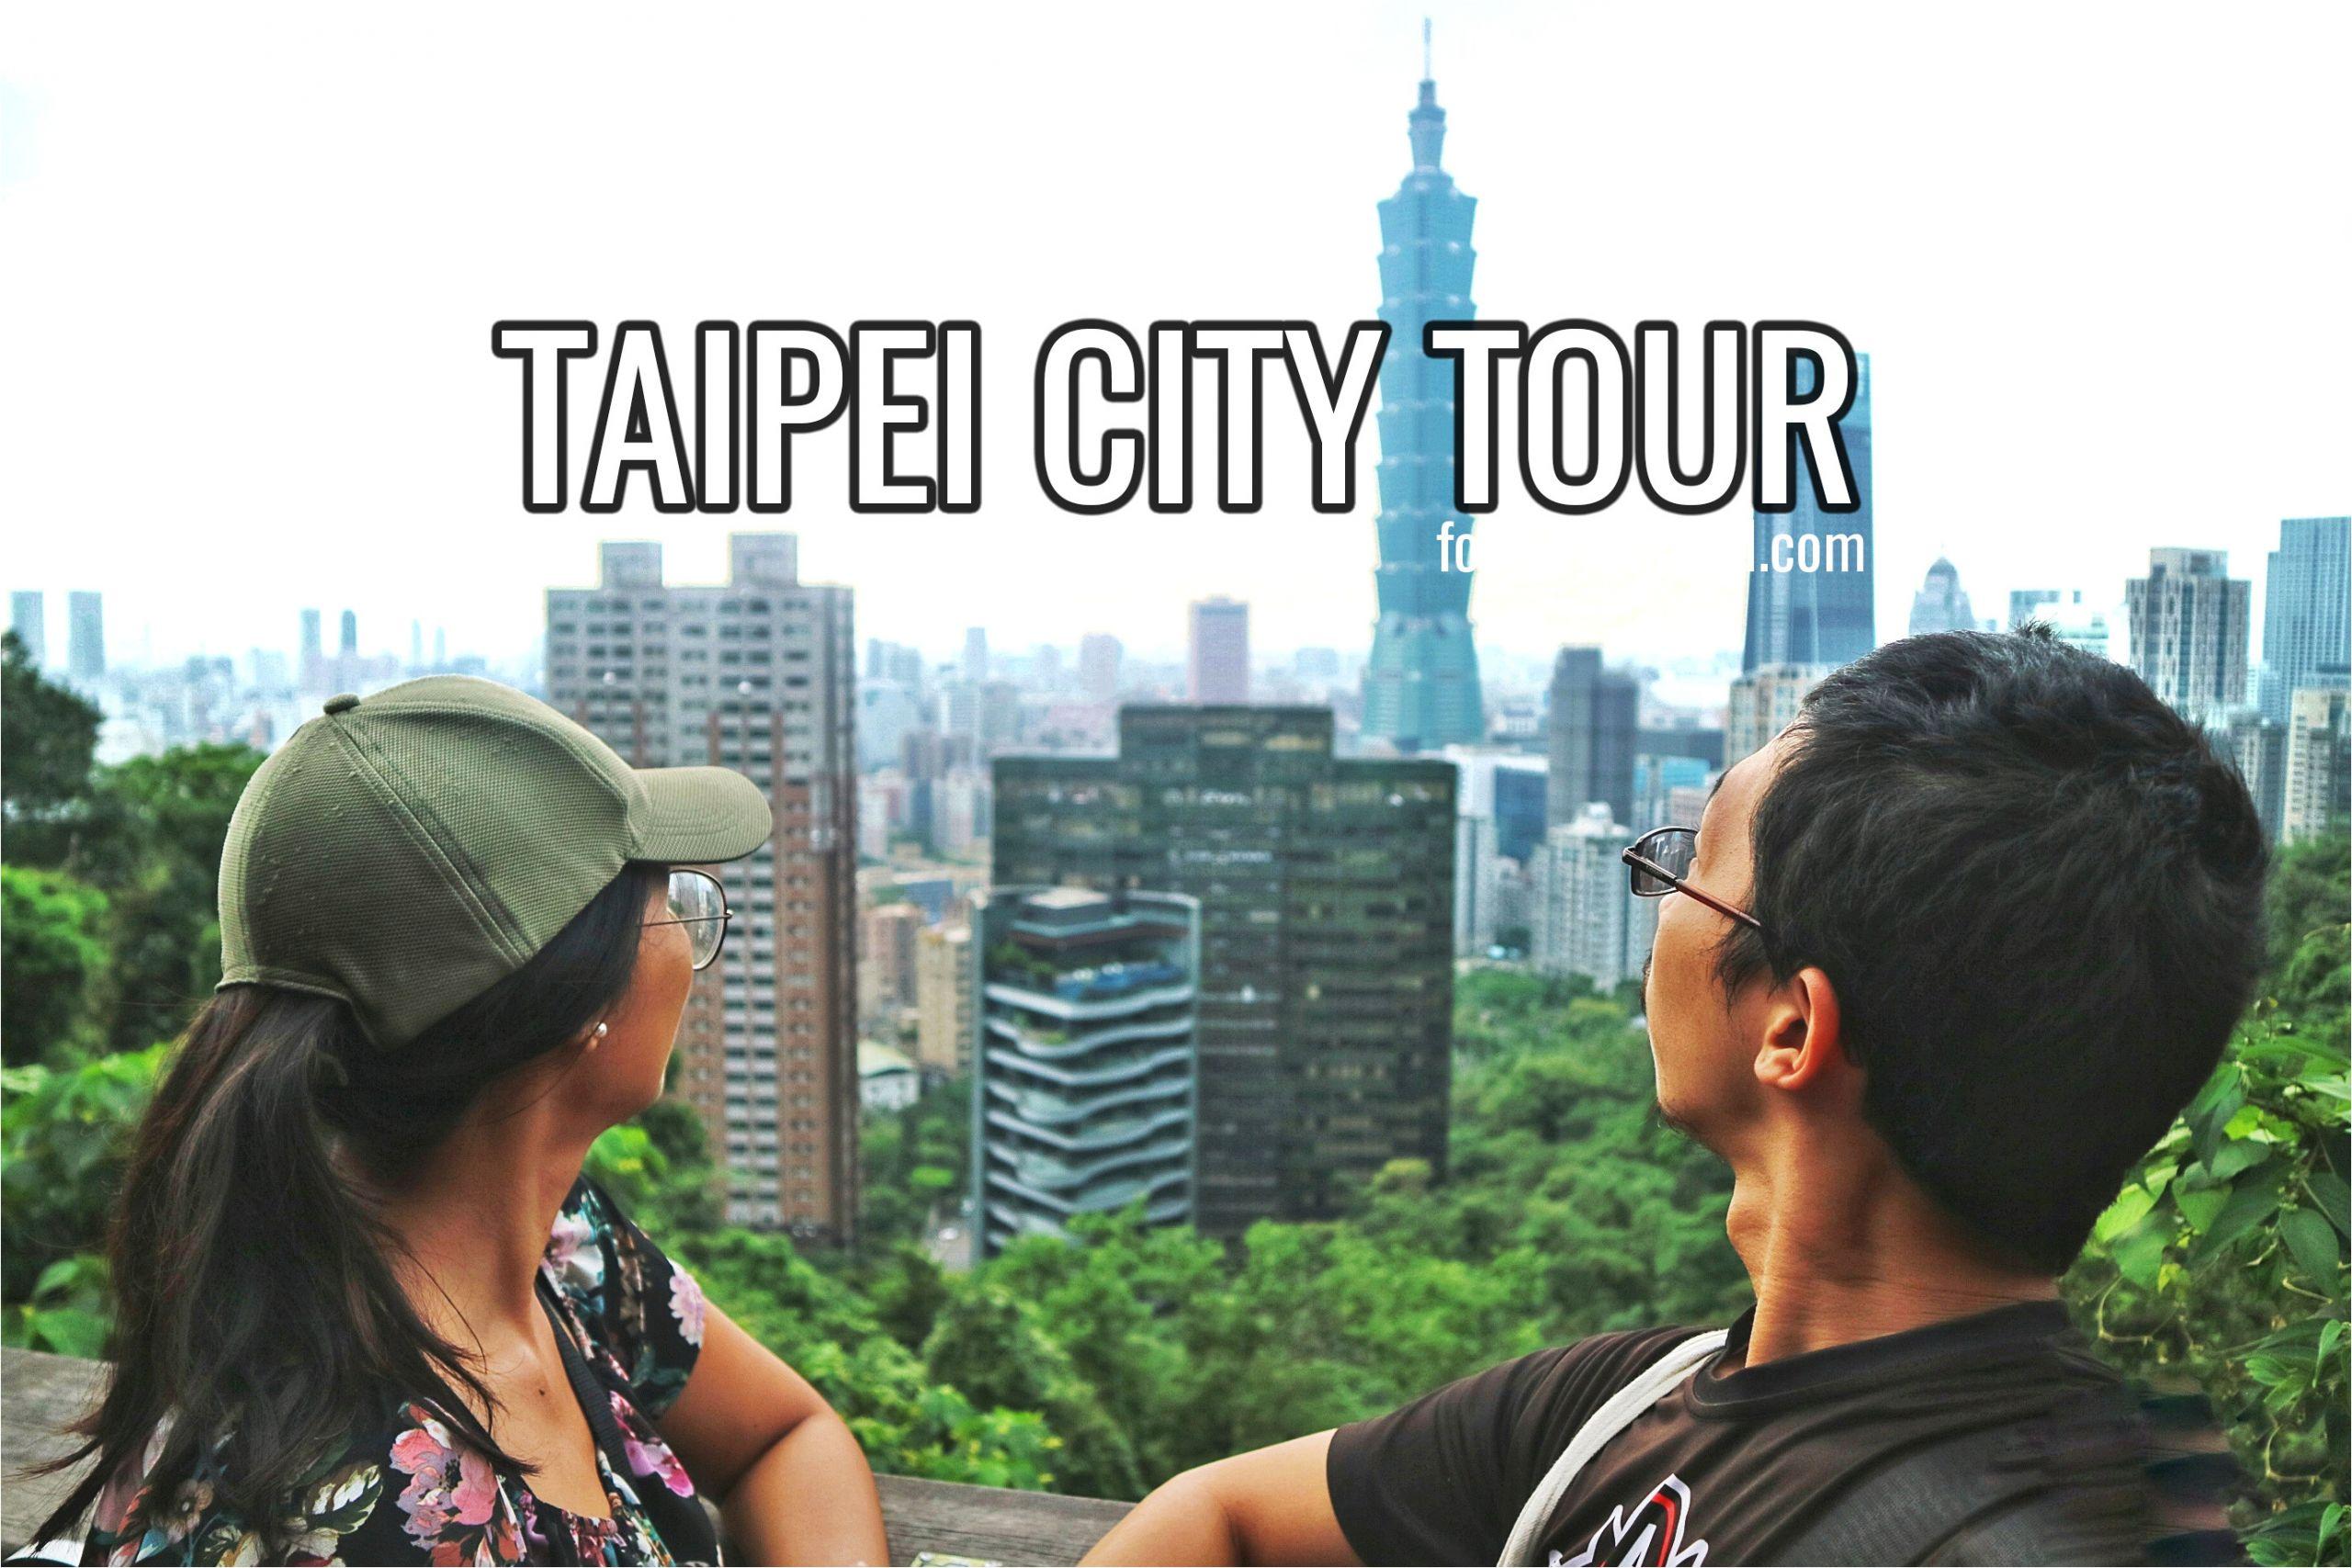 taipei city tour jpg